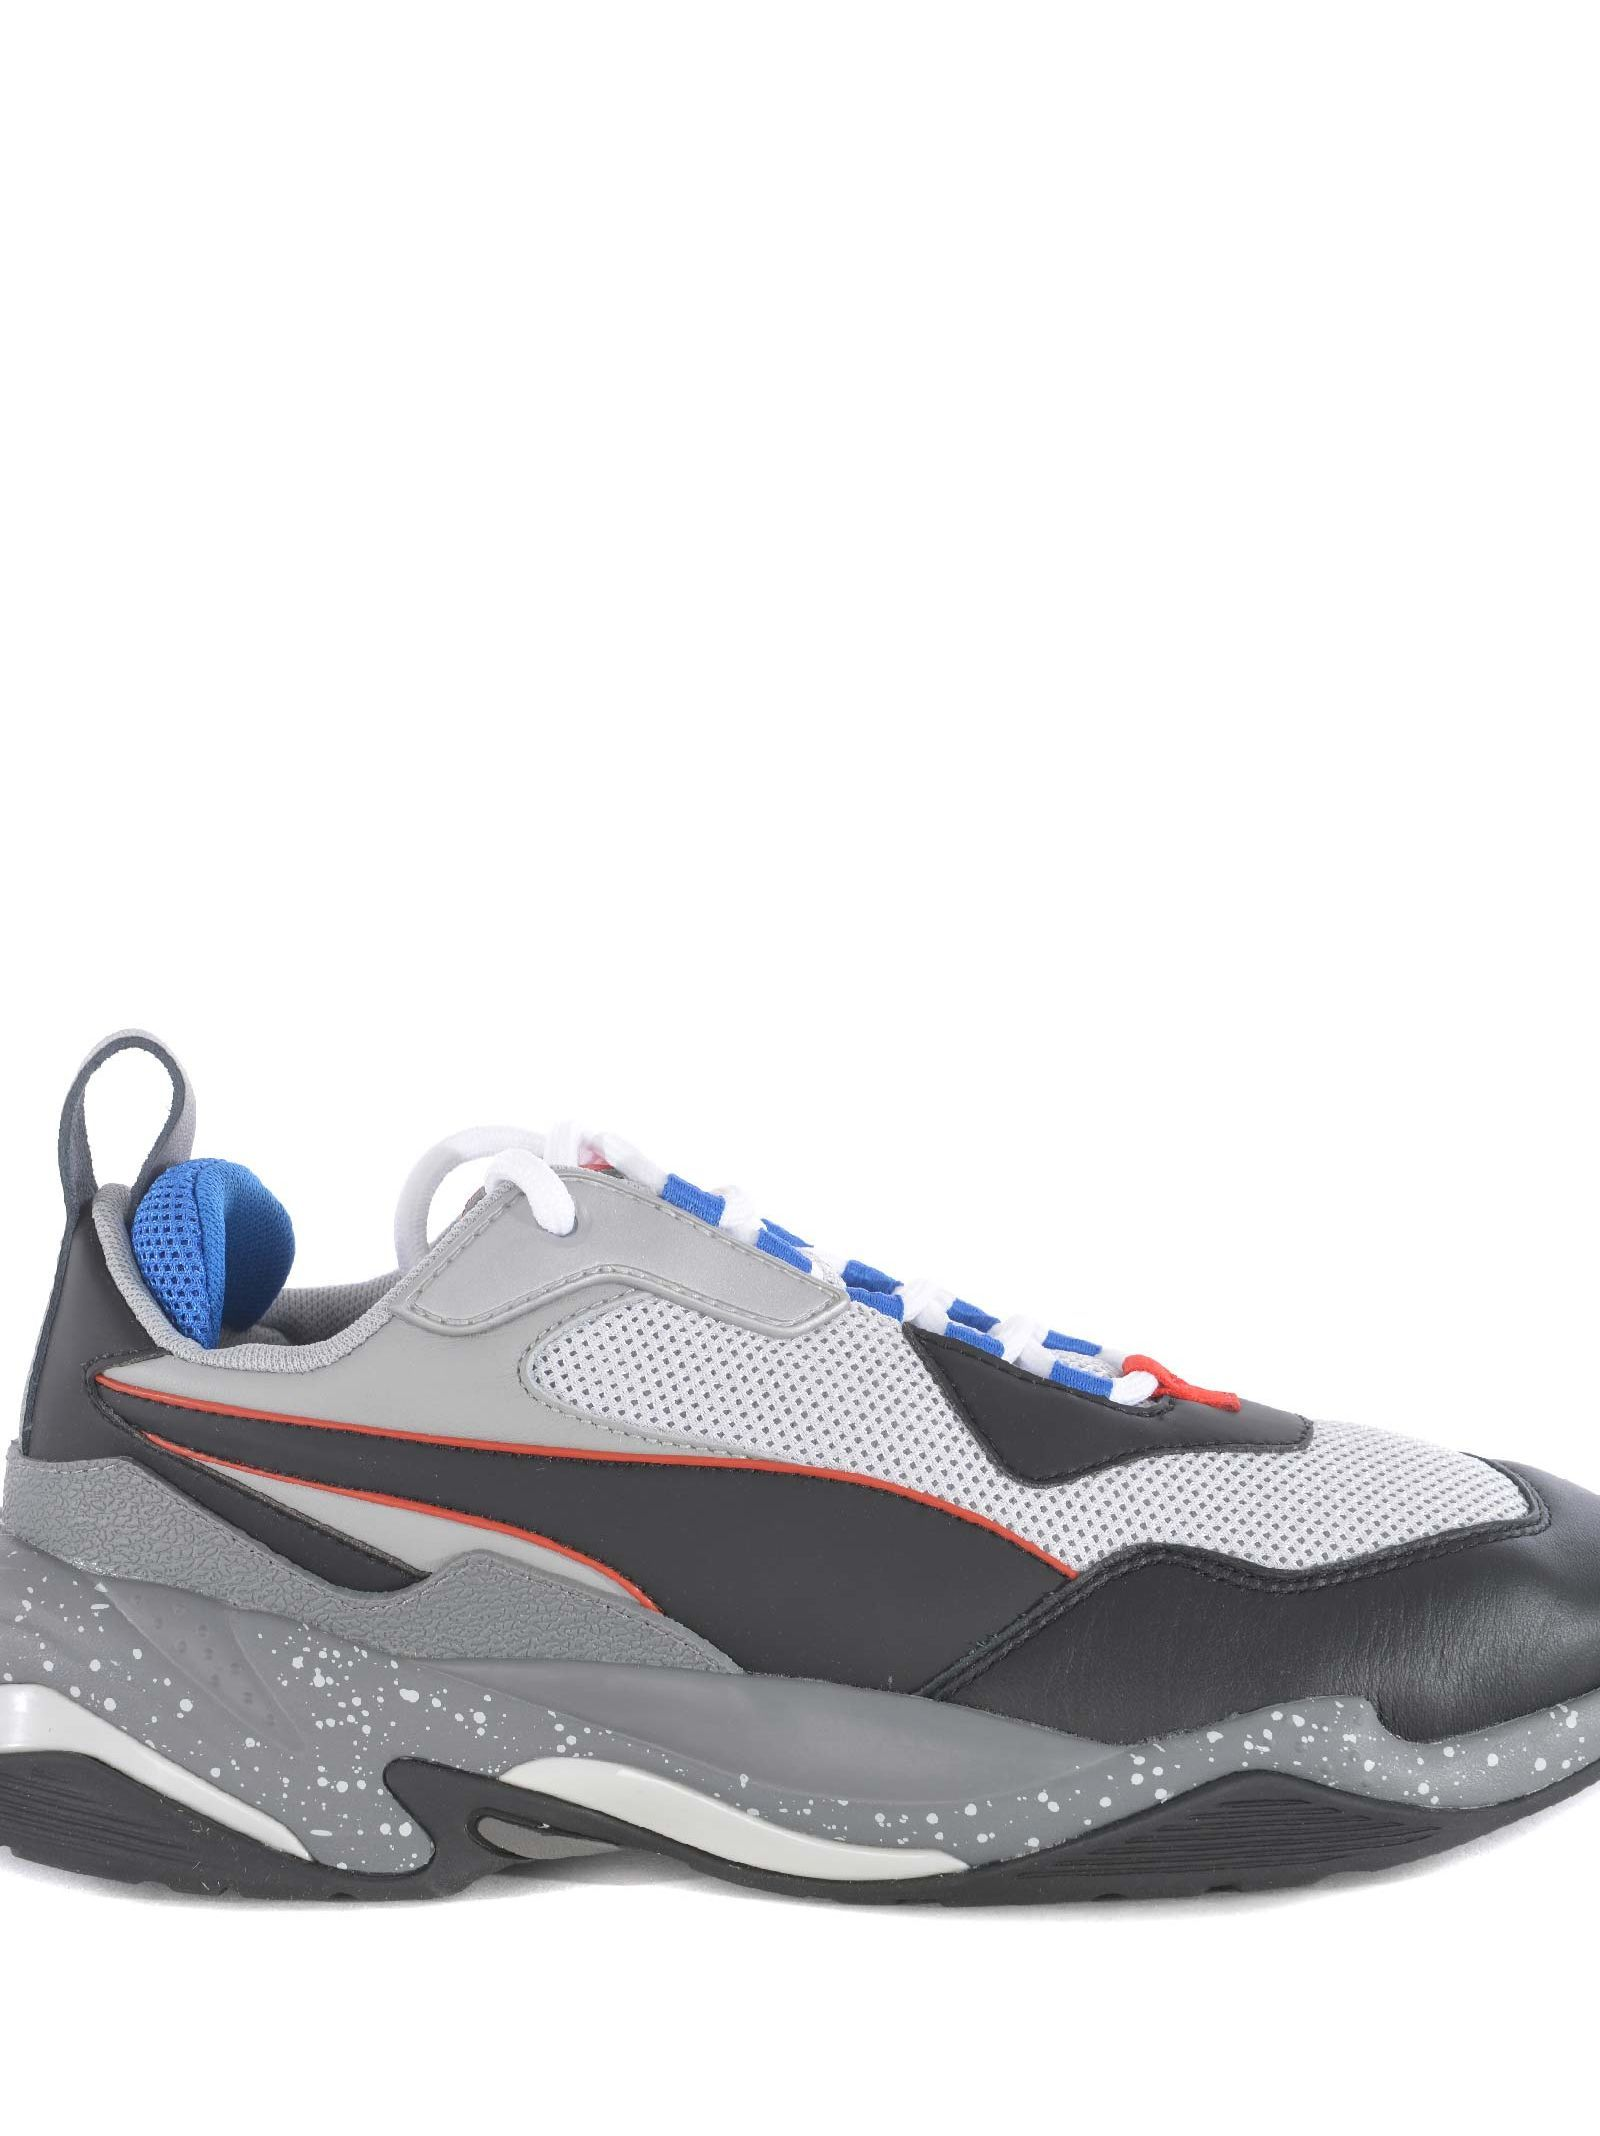 PUMA THUNDER ELECTRIC SNEAKERS.  puma  shoes Puma Mens 4e7cdad8f